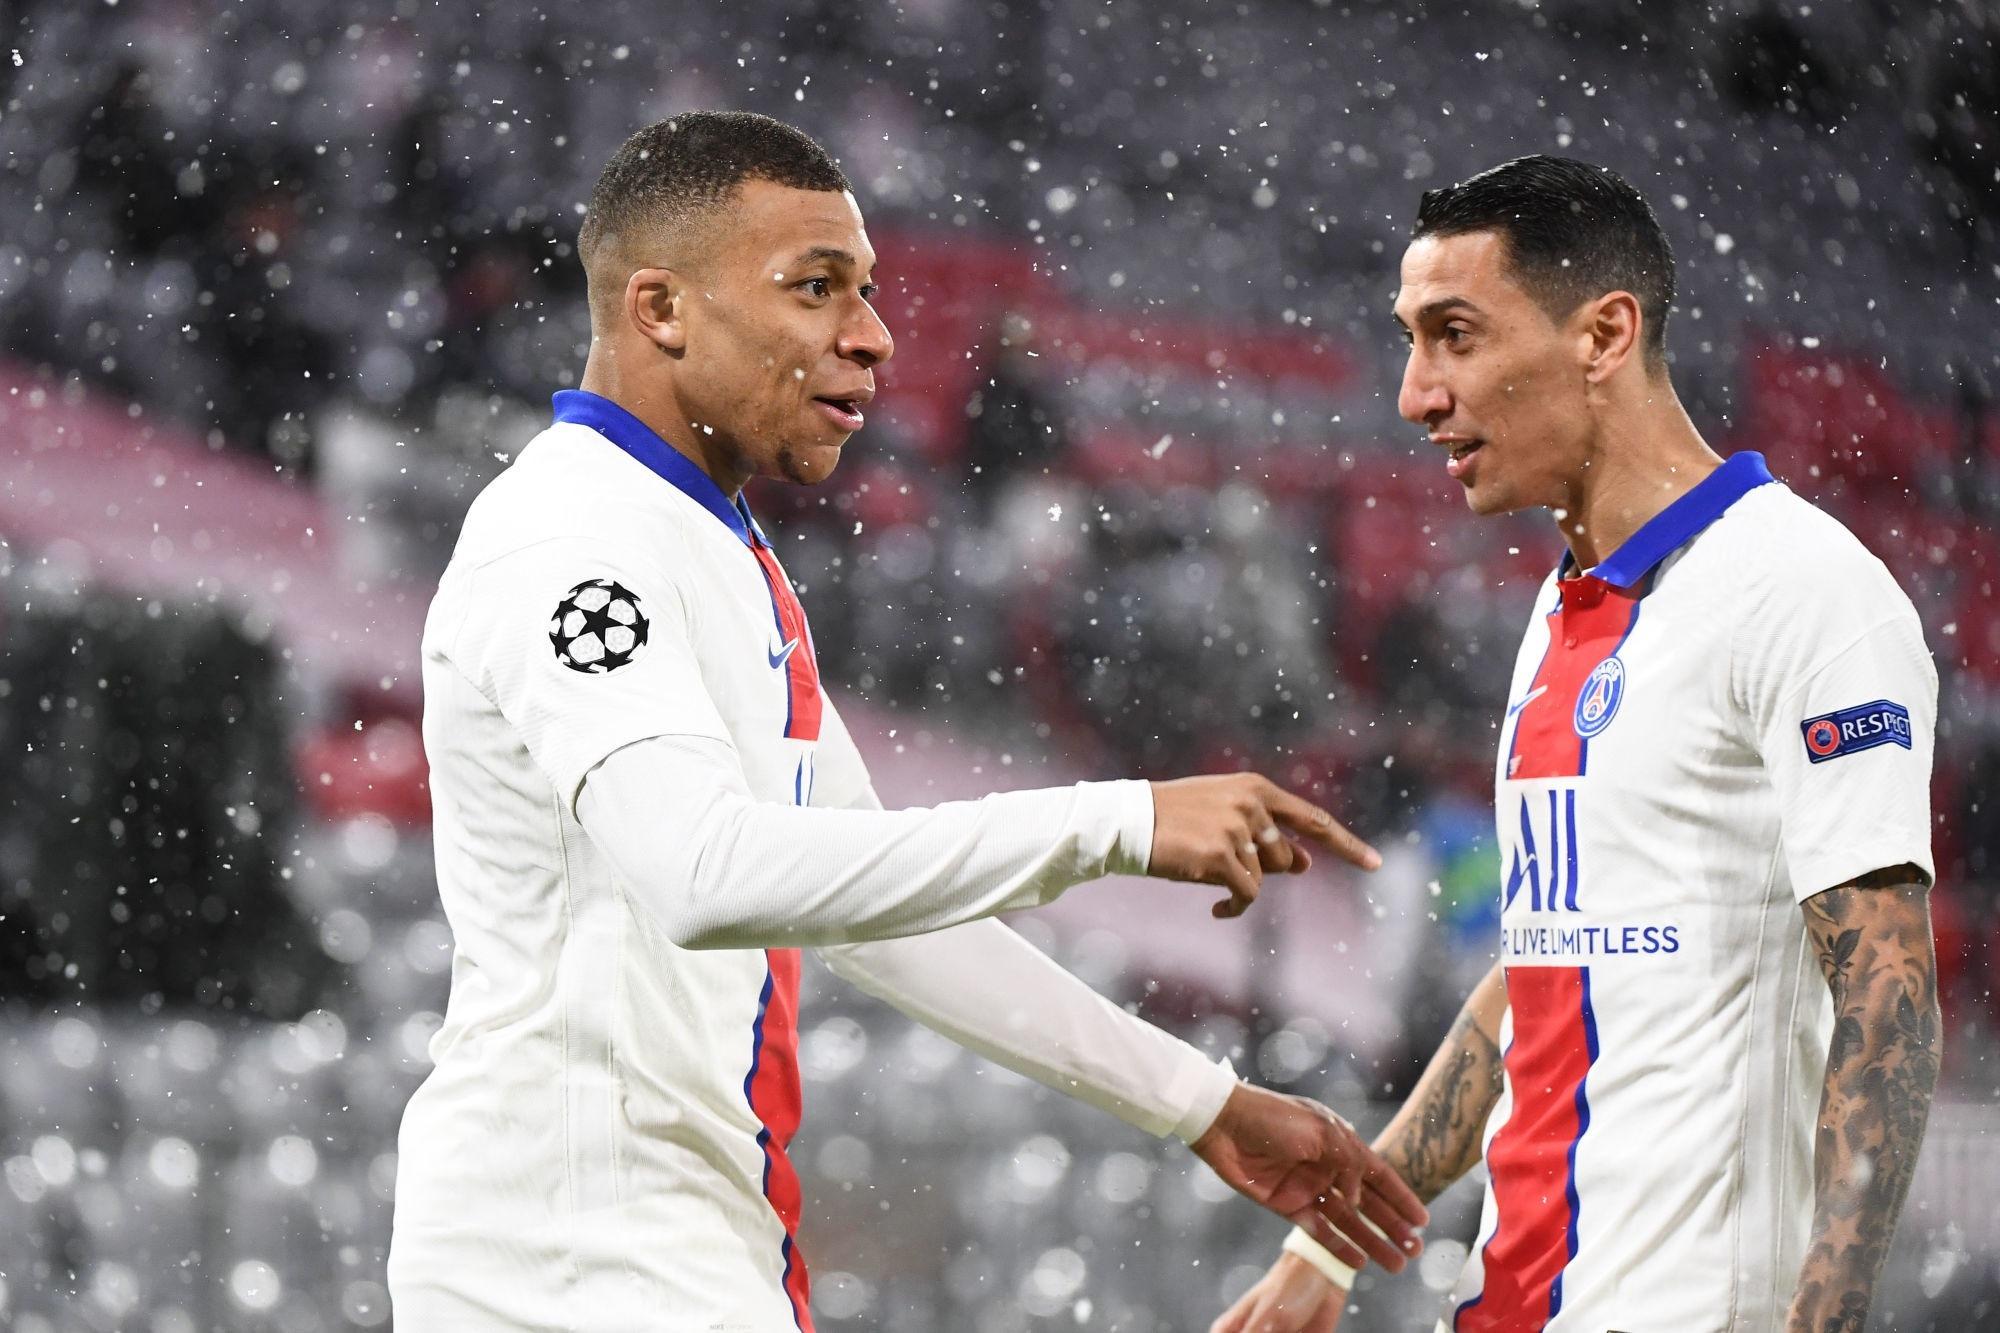 """Bayern/PSG - Mbappé souligne """"on a beaucoup souffert, mais on a agi en équipe."""""""